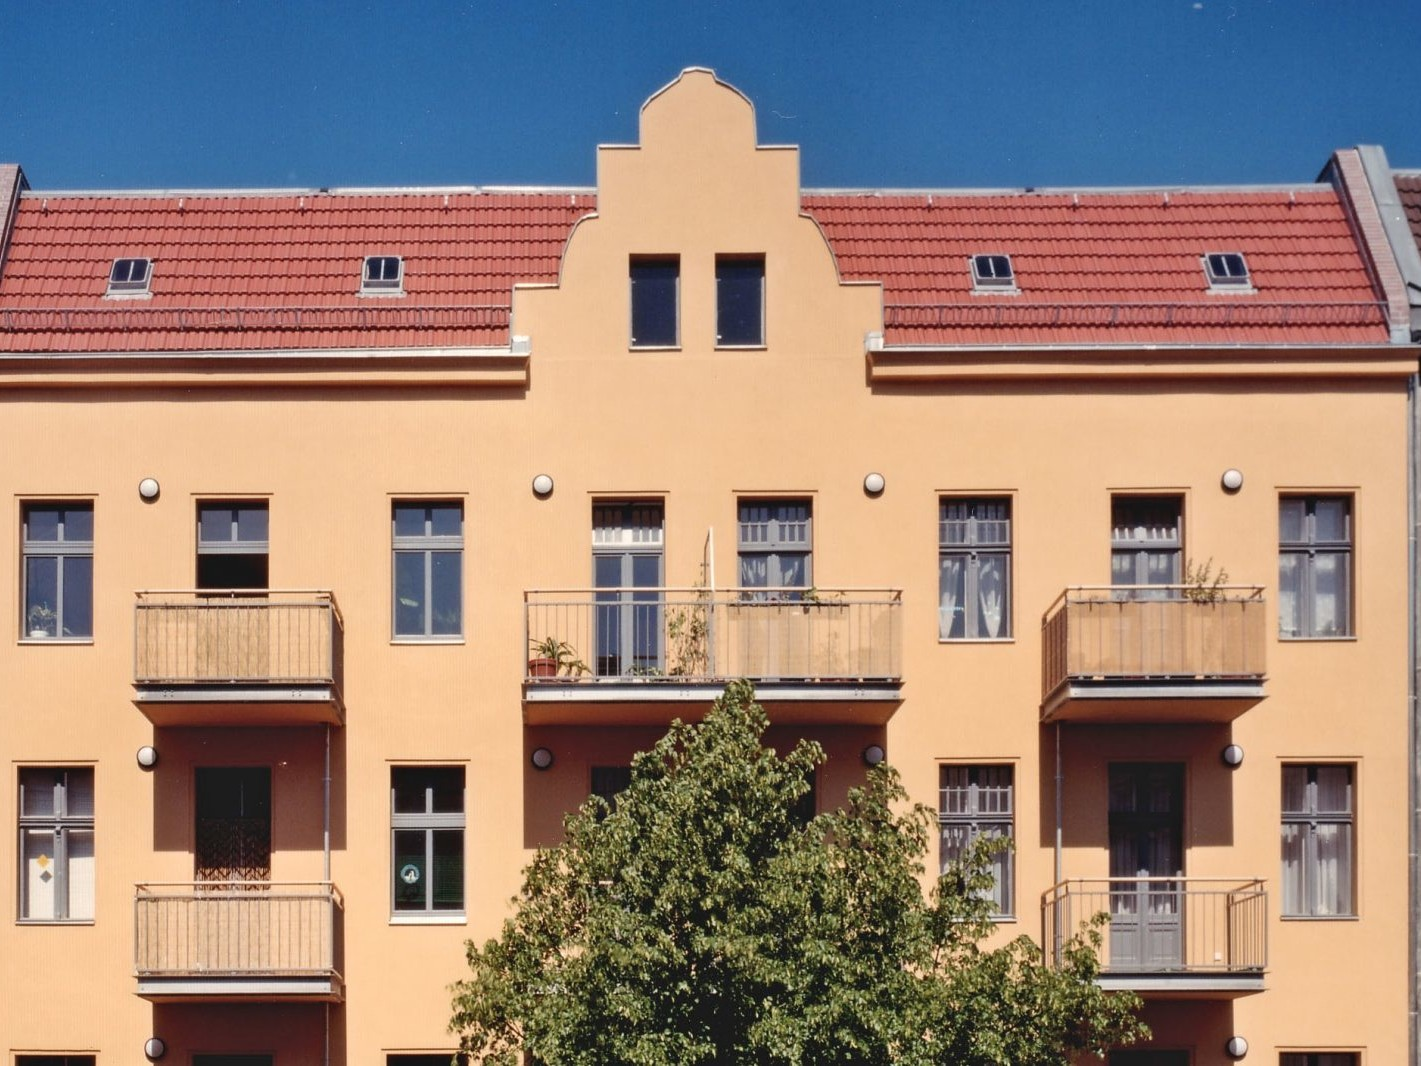 Wohn- und Geschäftshaus Prinz-Eugen-Straße 7, Berlin-Wedding